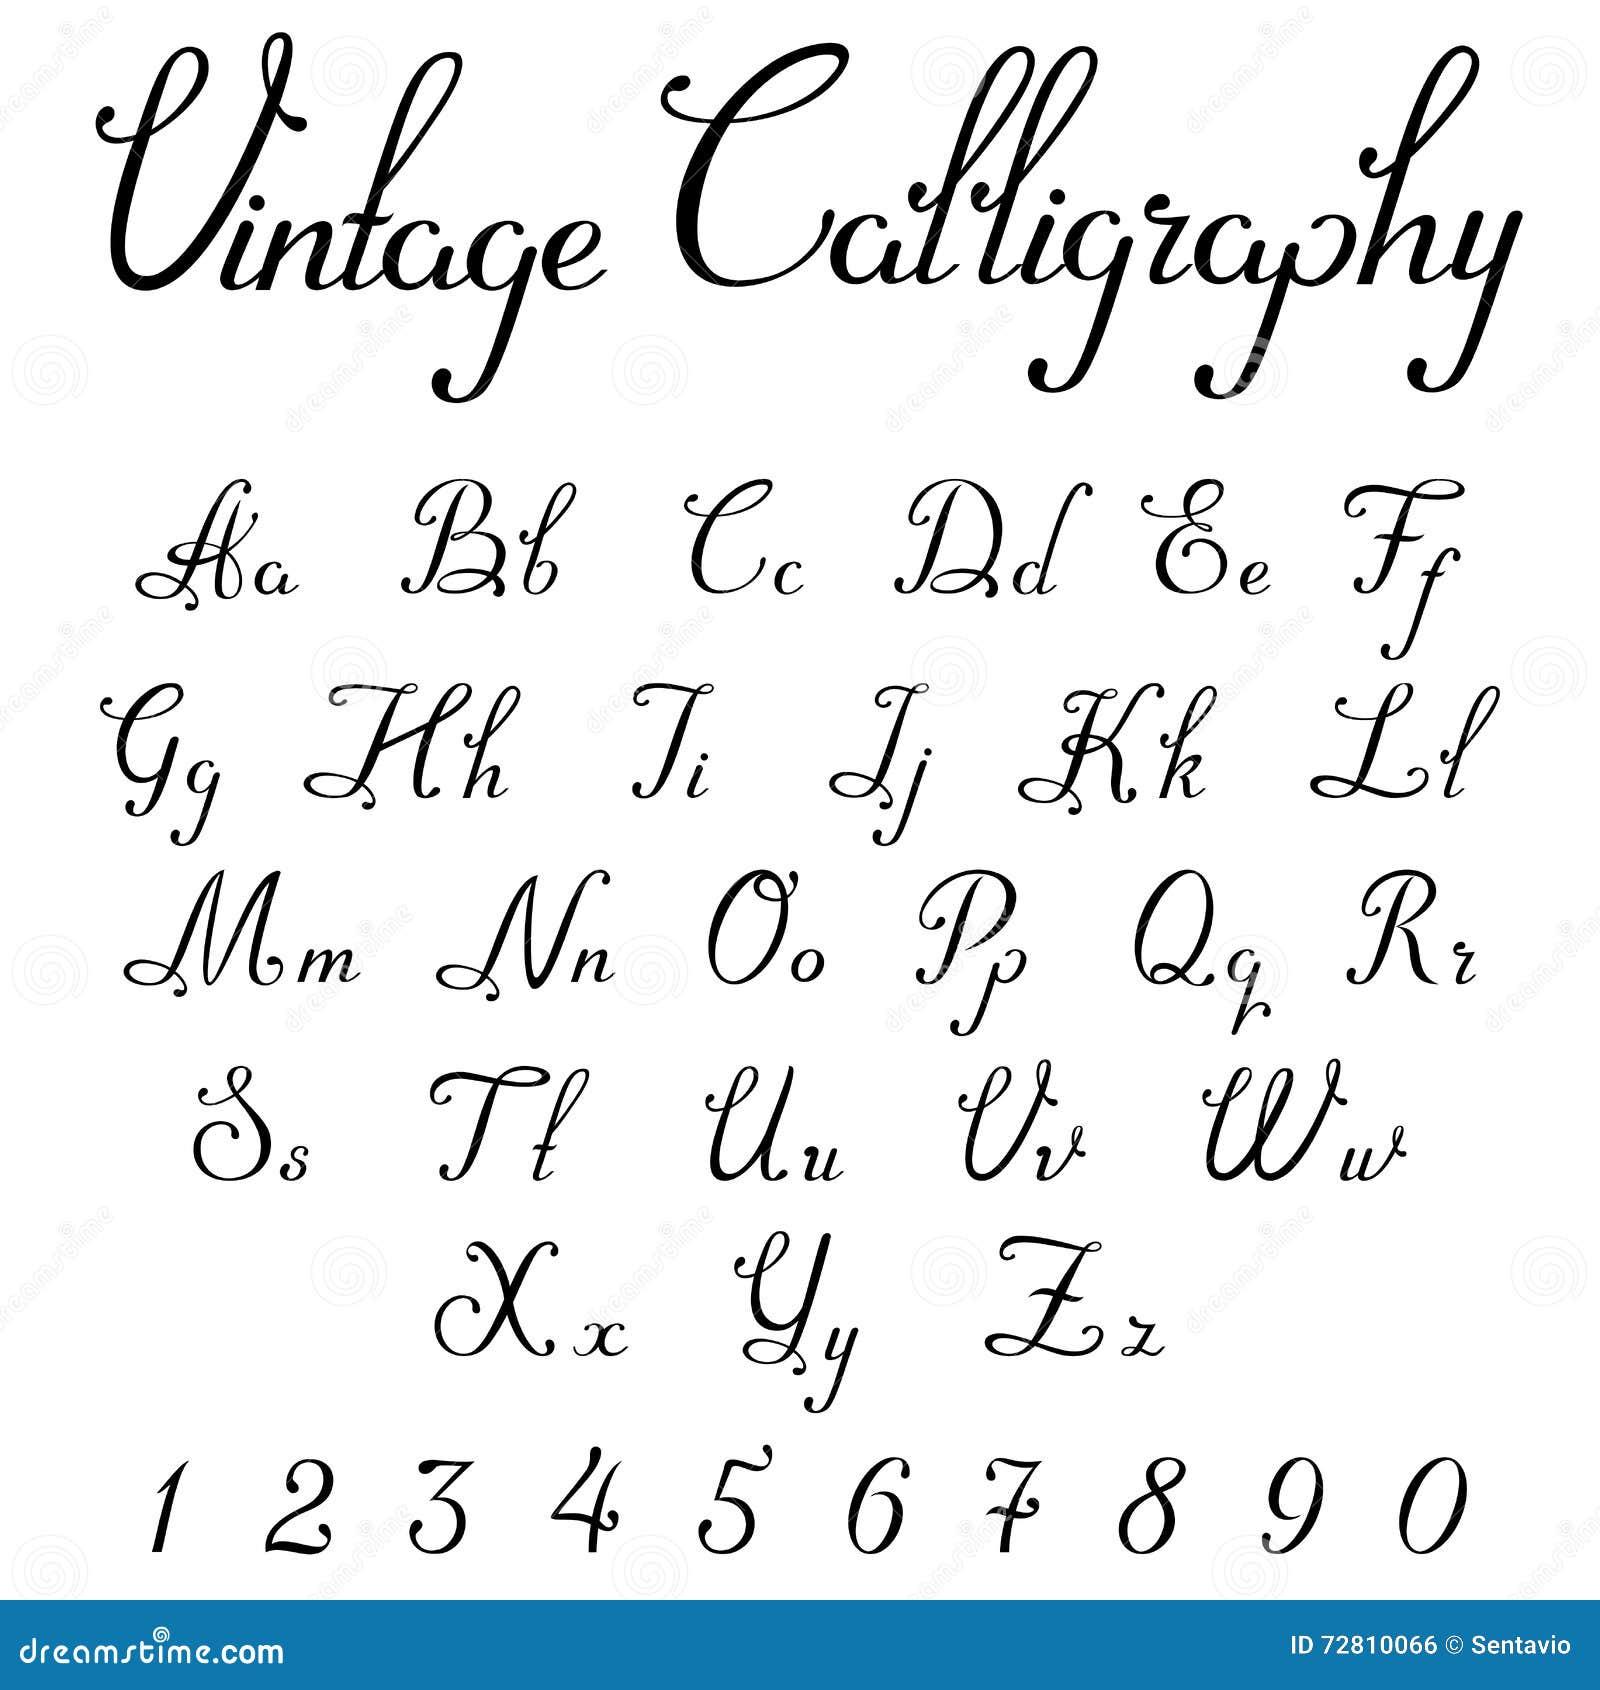 Vintage Calligraphic Script Font Vector Letters